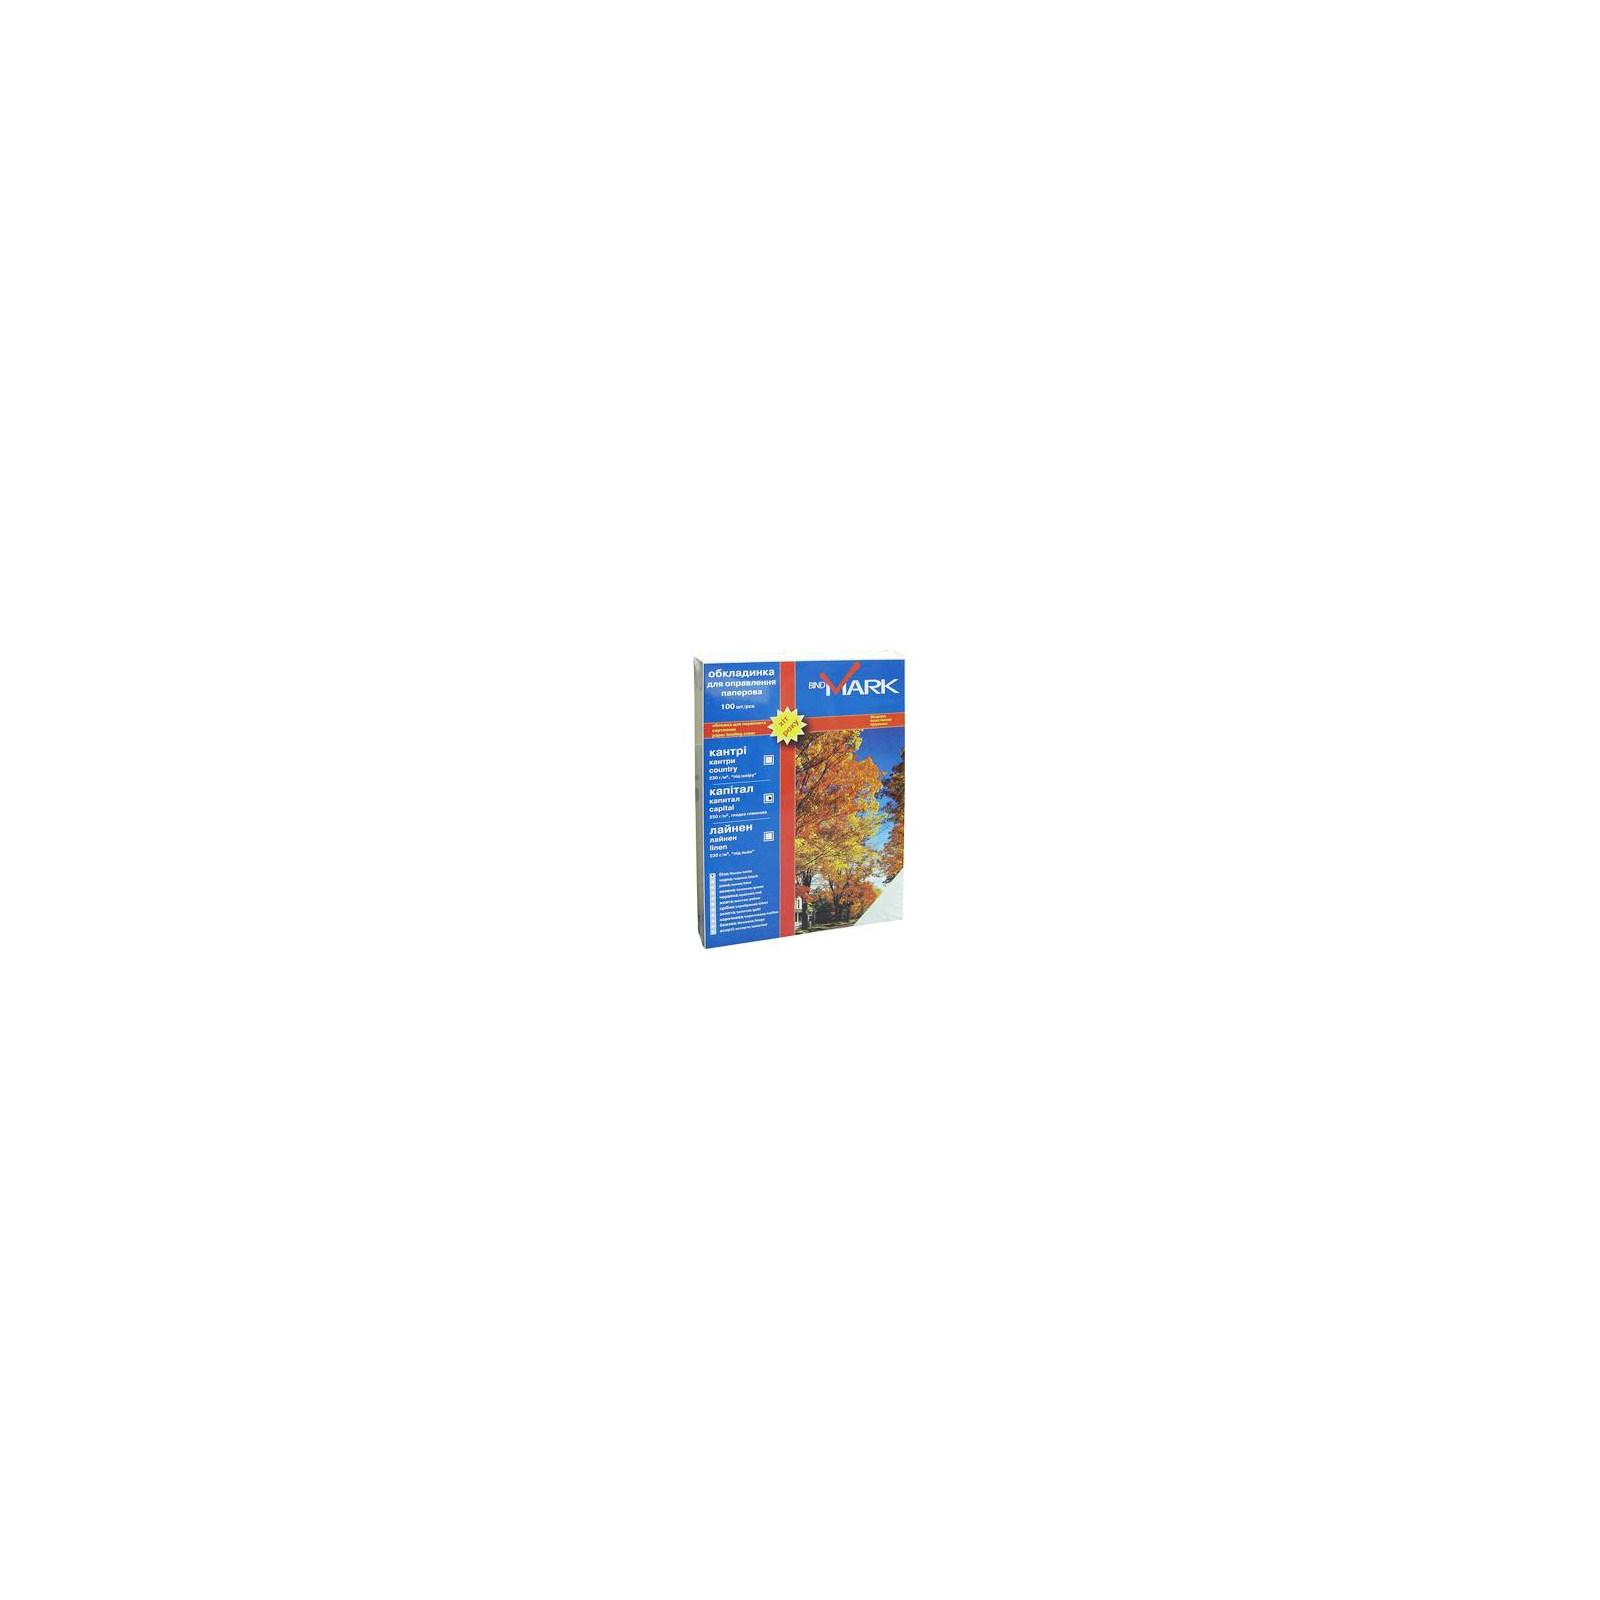 Обложка для переплета bindMARK карт. Капитал А4 250г/м2 (100 шт.) красная (41604)